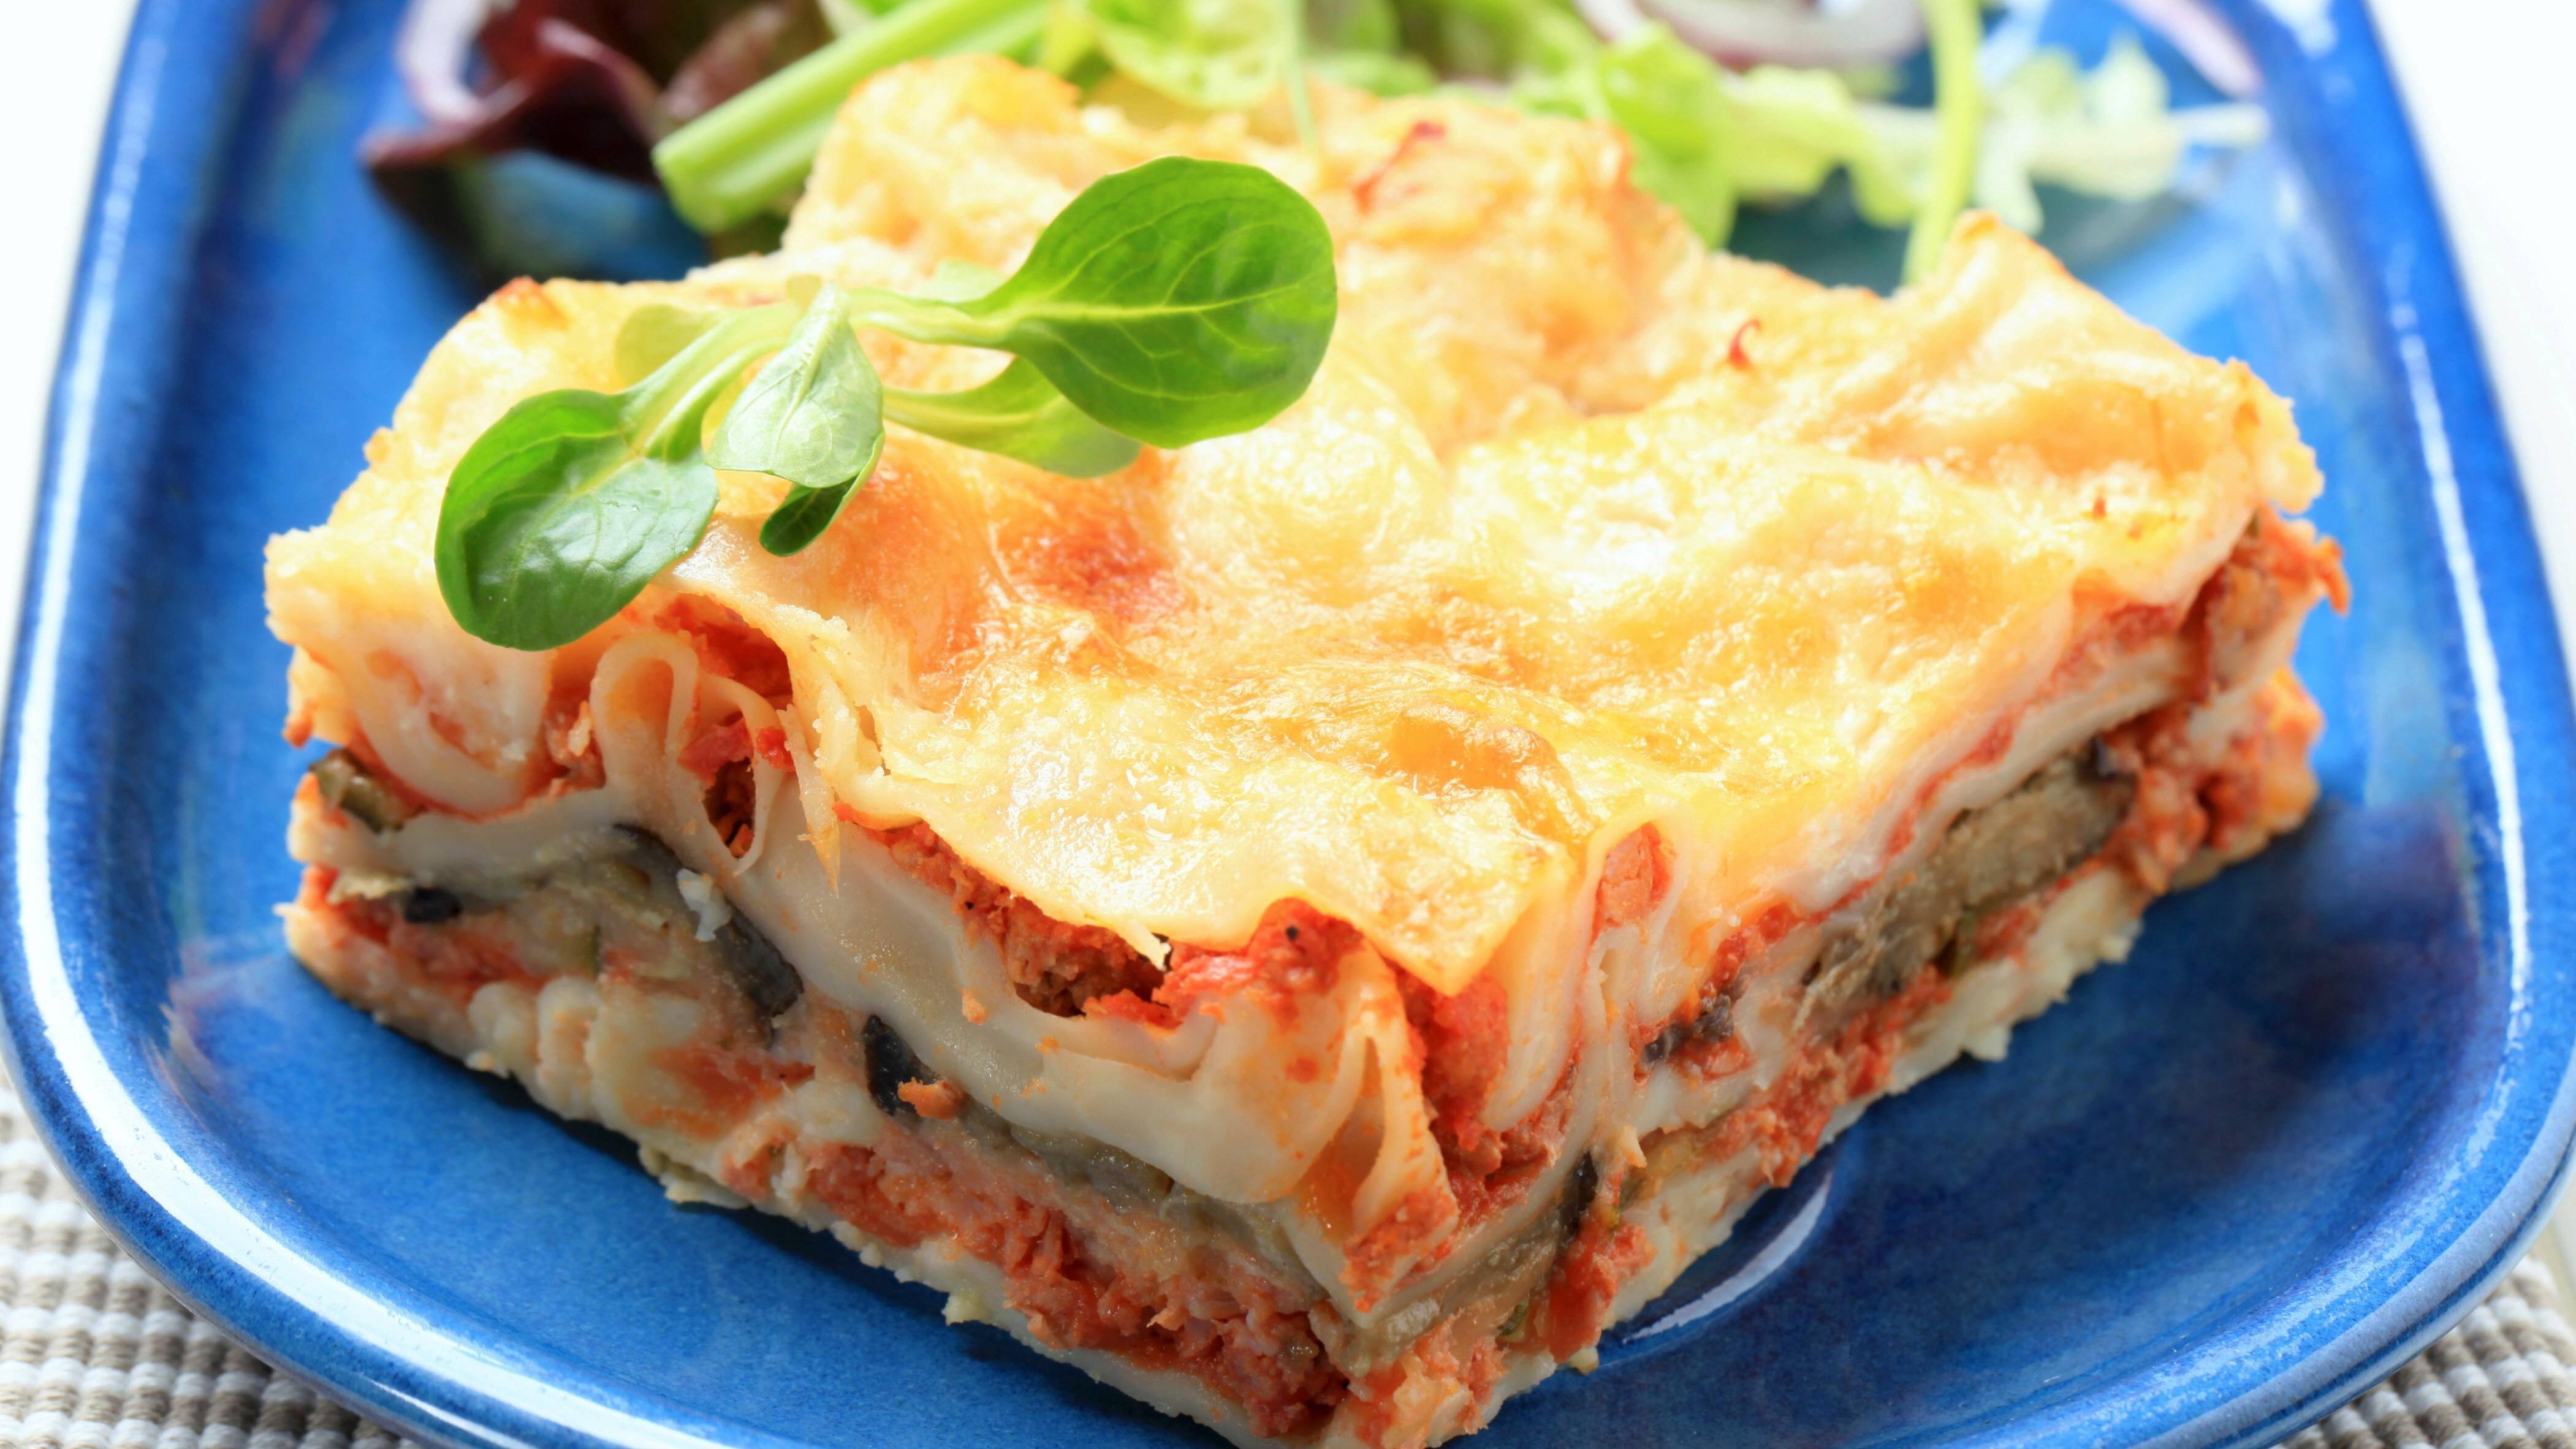 Lasagneplatten vorkochen kann sinnvoll sein, ist aber nicht zwingend notwendig.